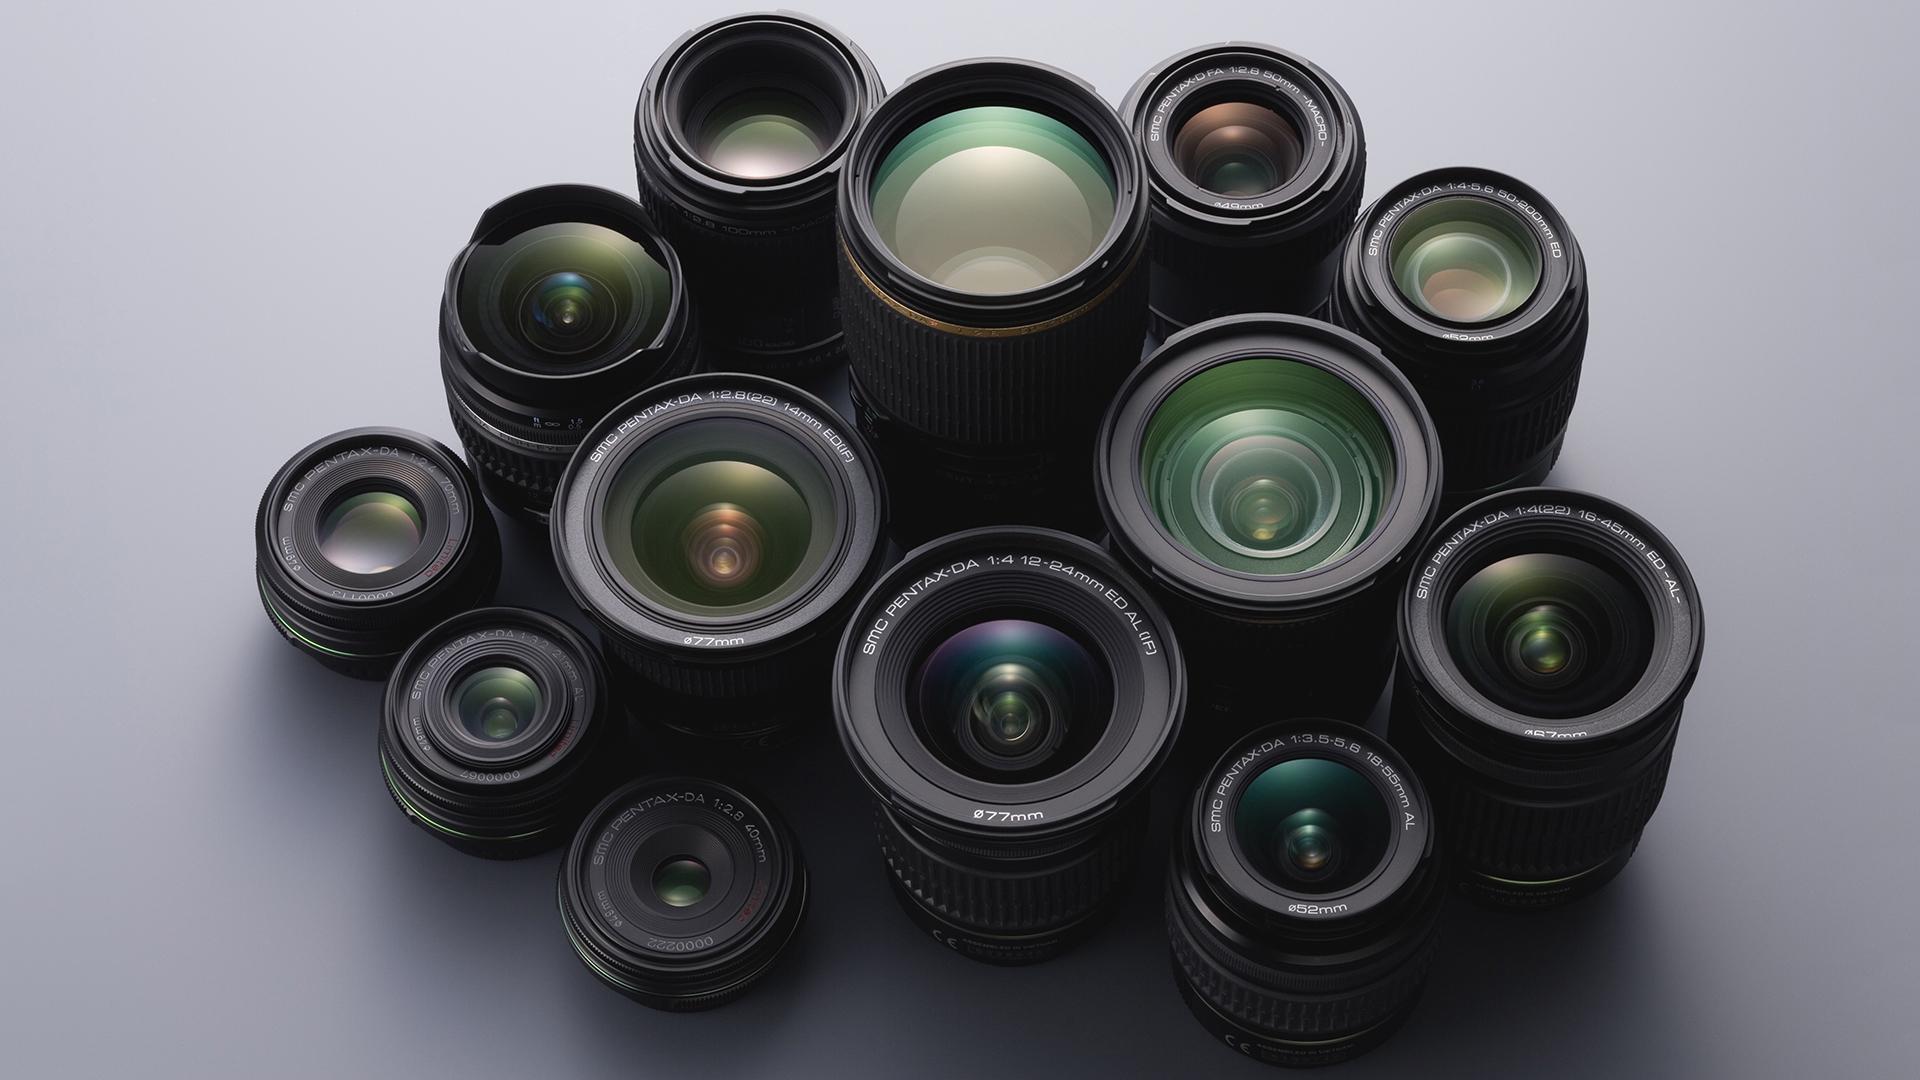 Milline objektiiv sobib minu kaamerale?